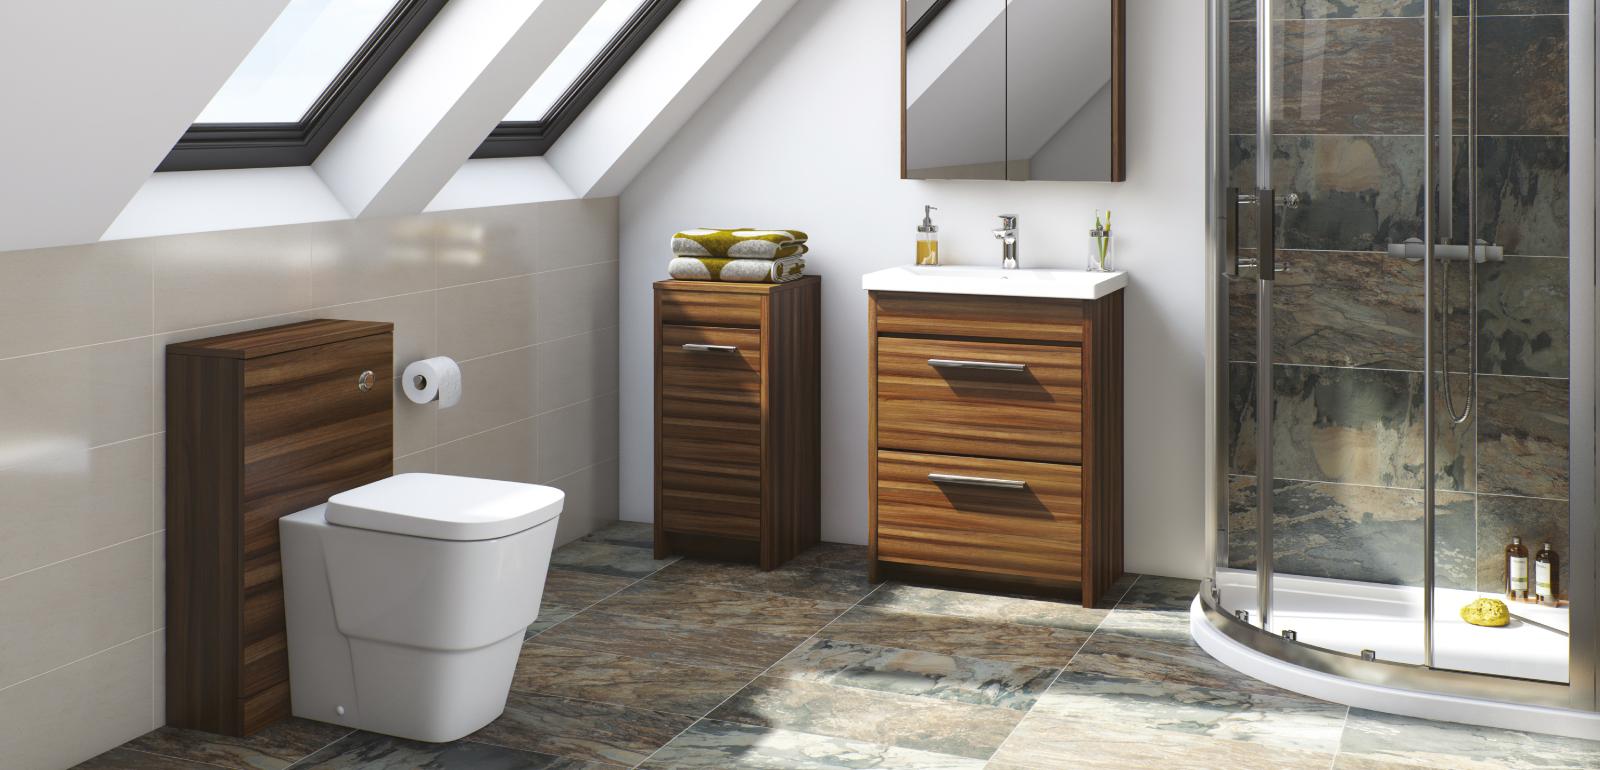 Если размеры ванной позволяют, то в ней можно разместить не только необходимую мебель, но и дополнительные шкафчики